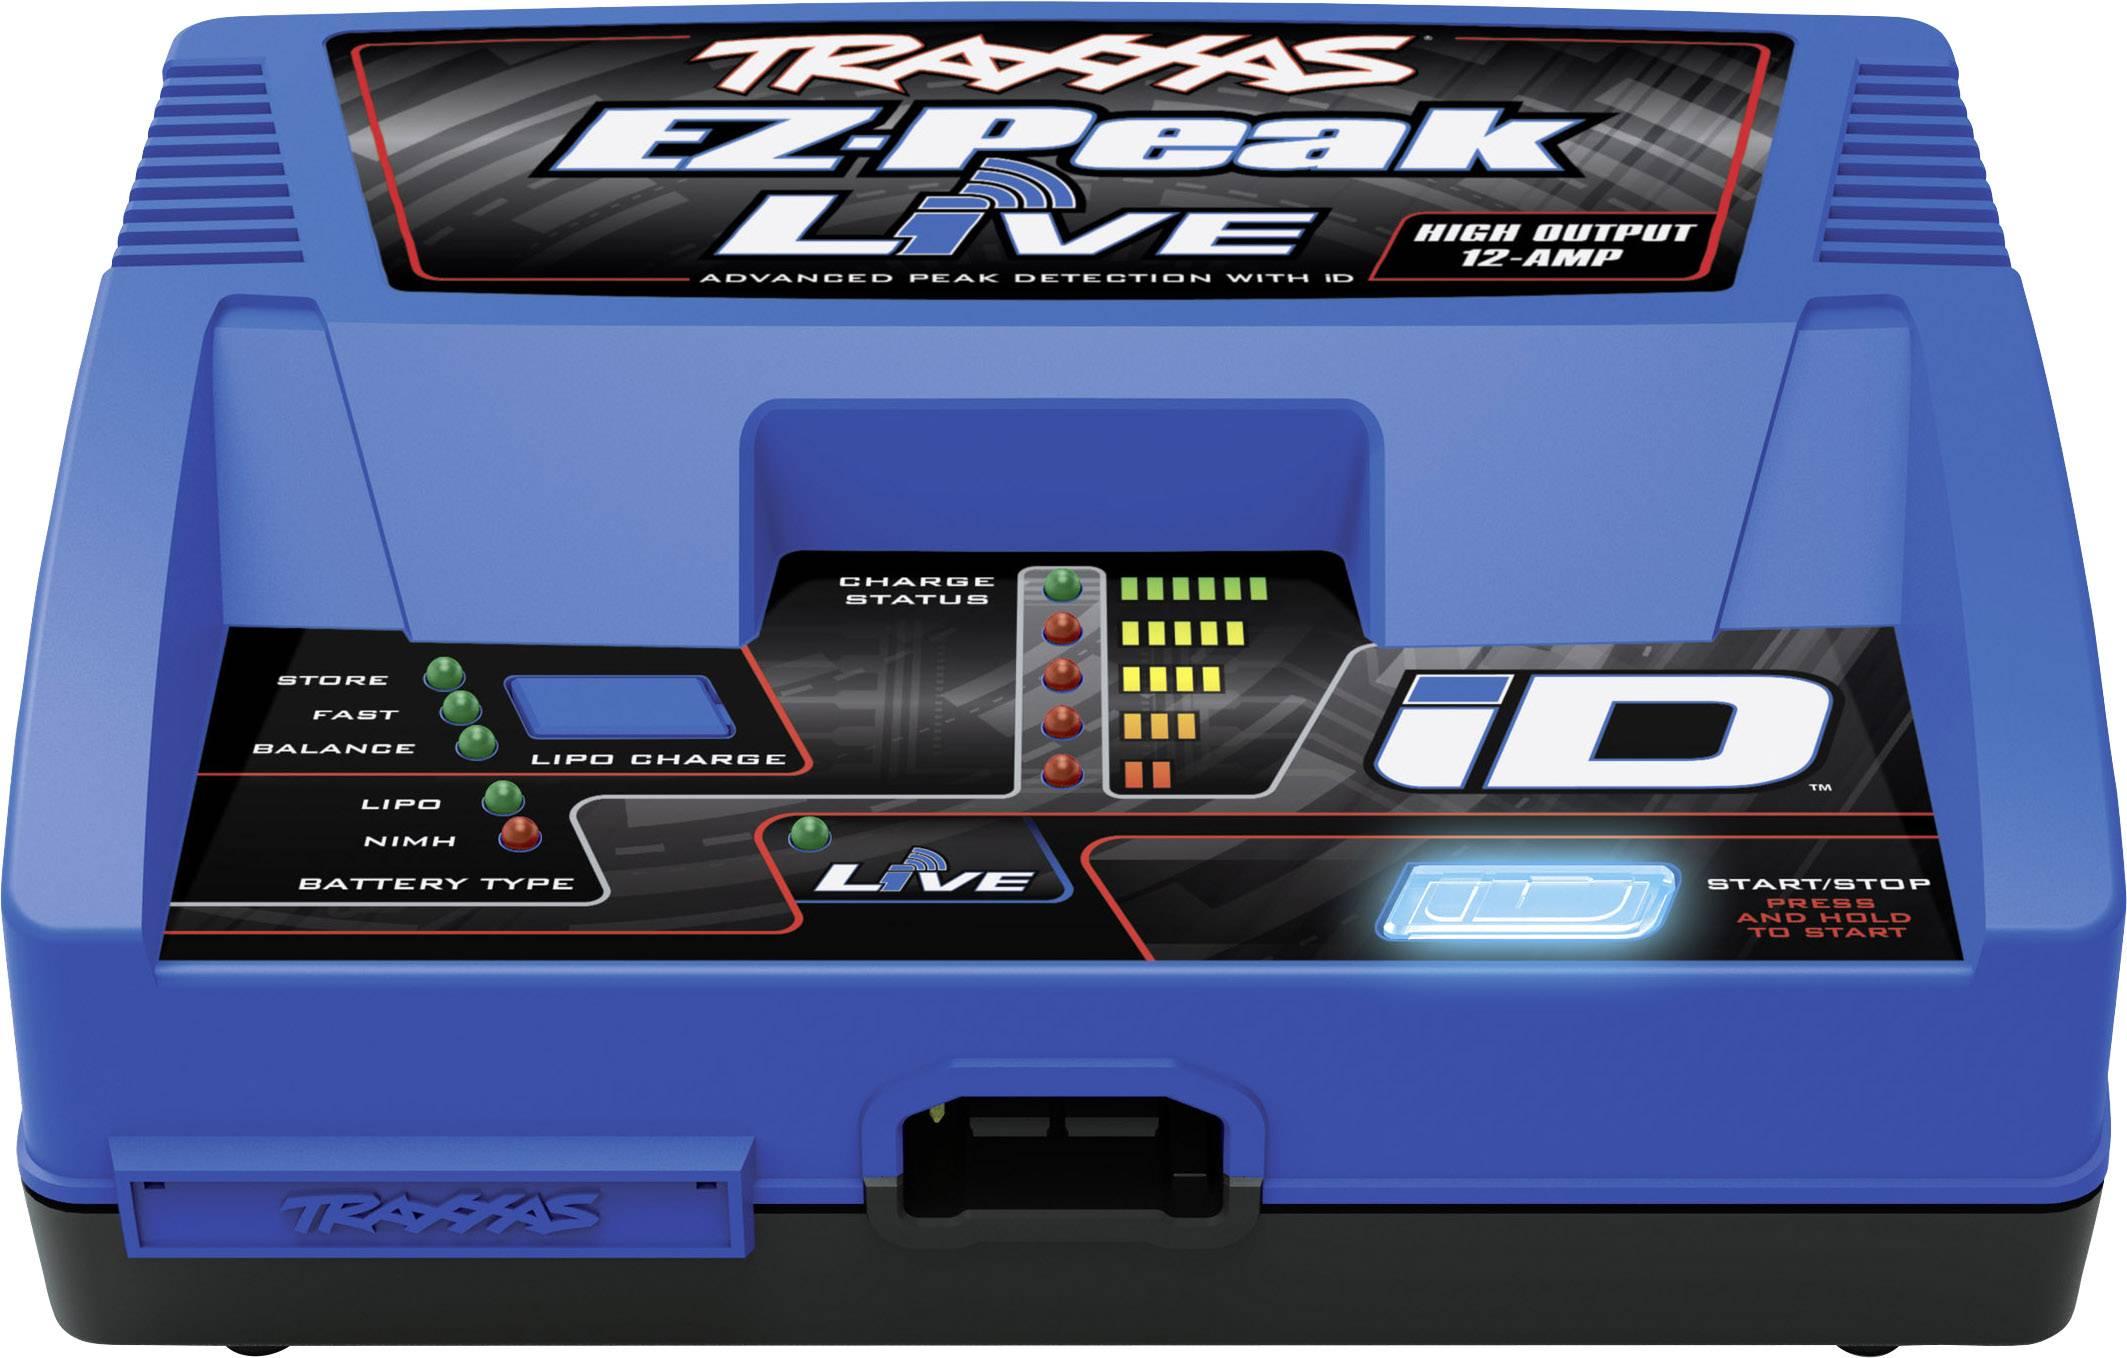 Modelárska multifunkčná nabíjačka Traxxas EZ Peak Live 2971G, 230 V, 12 A